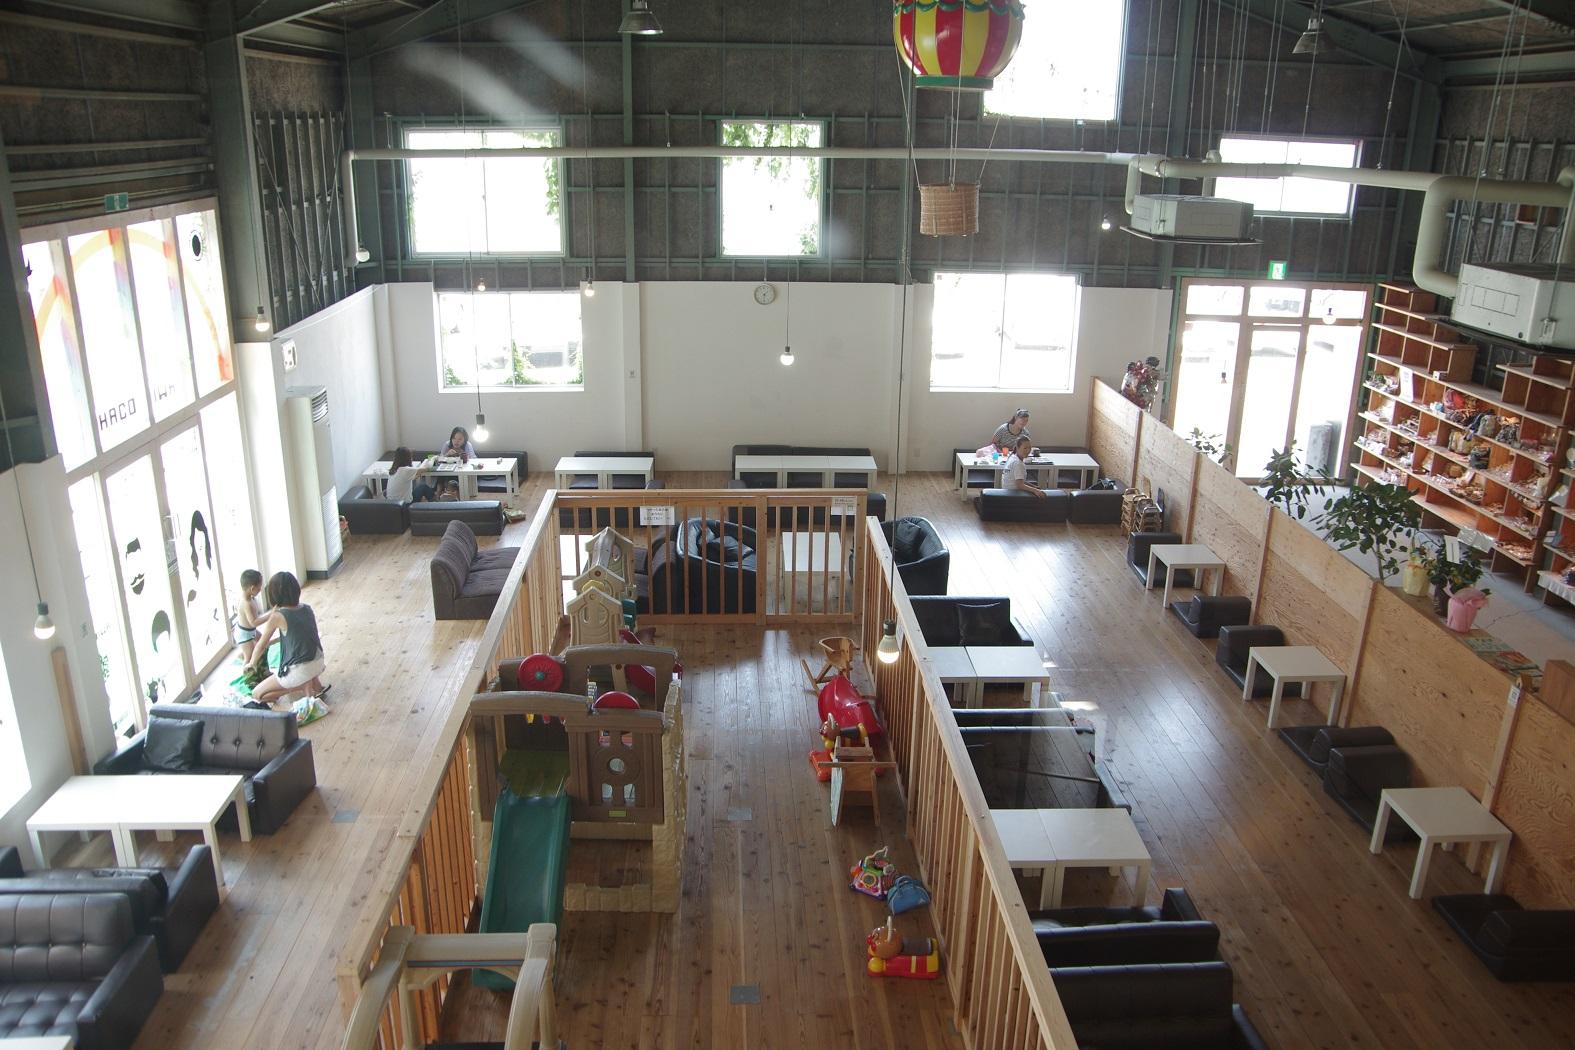 《徳島市/親子カフェあいびーはうす》夏休み中で行く場所にお困りのママさーん!『親子カフェあいびーはうす』へいらっしゃーい!